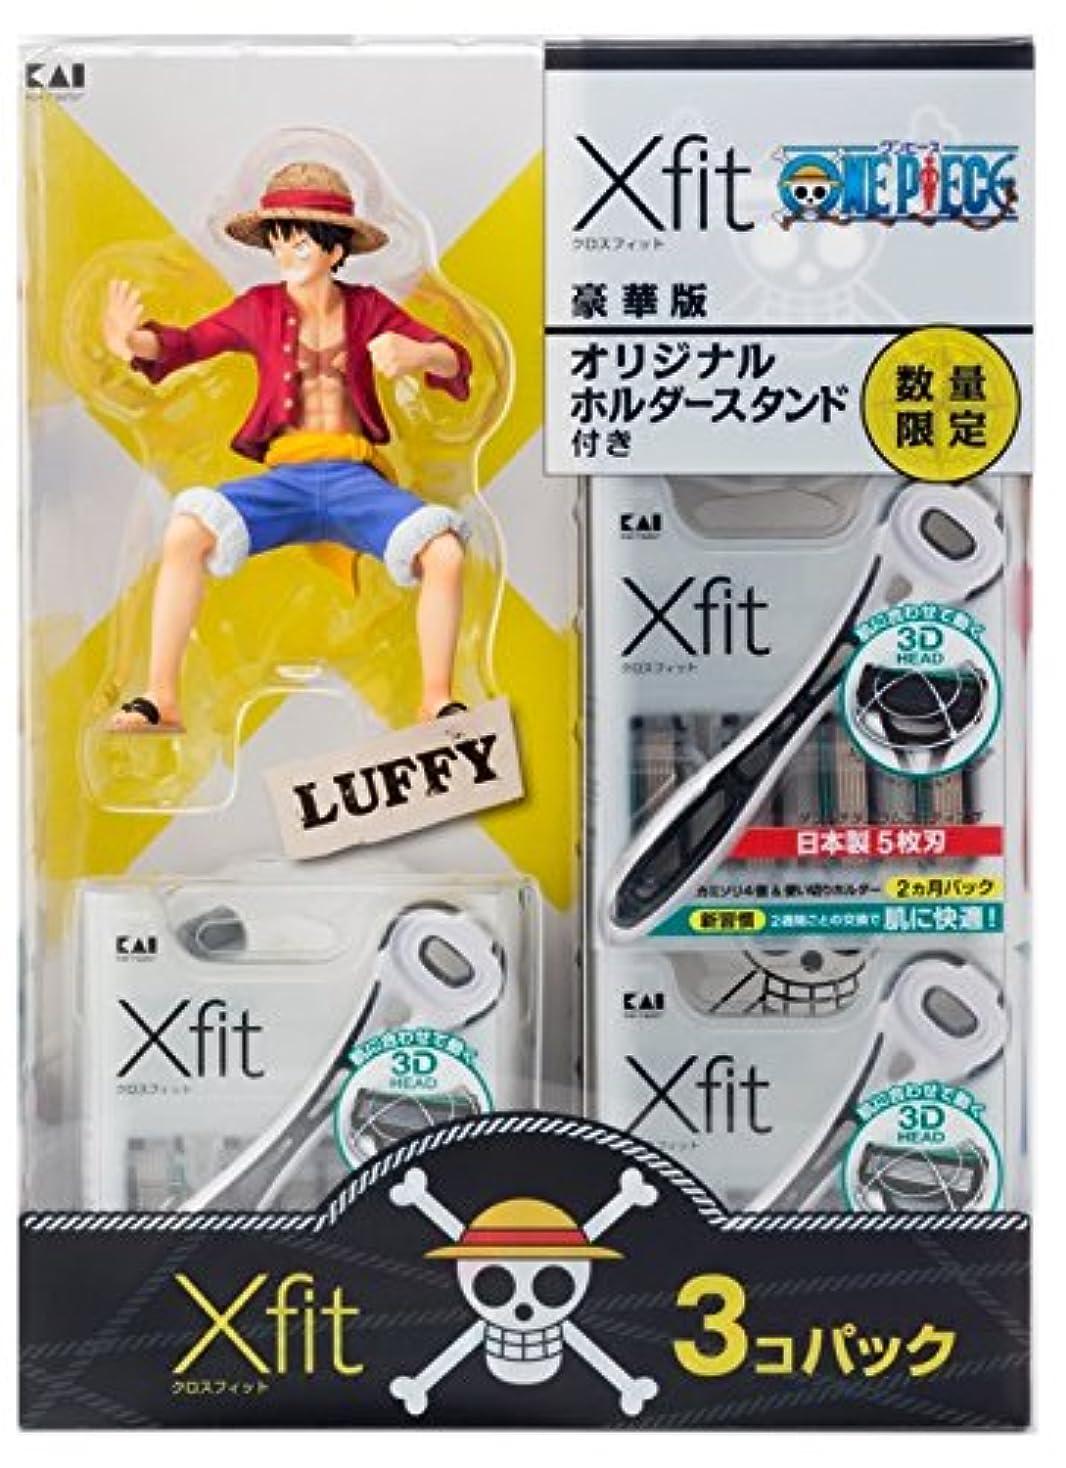 値下げリース出演者Xfit(クロスフィット)5枚刃カミソリ ワンピース企画第1弾3コパック+オリジナルホルダースタンド(ルフィ)